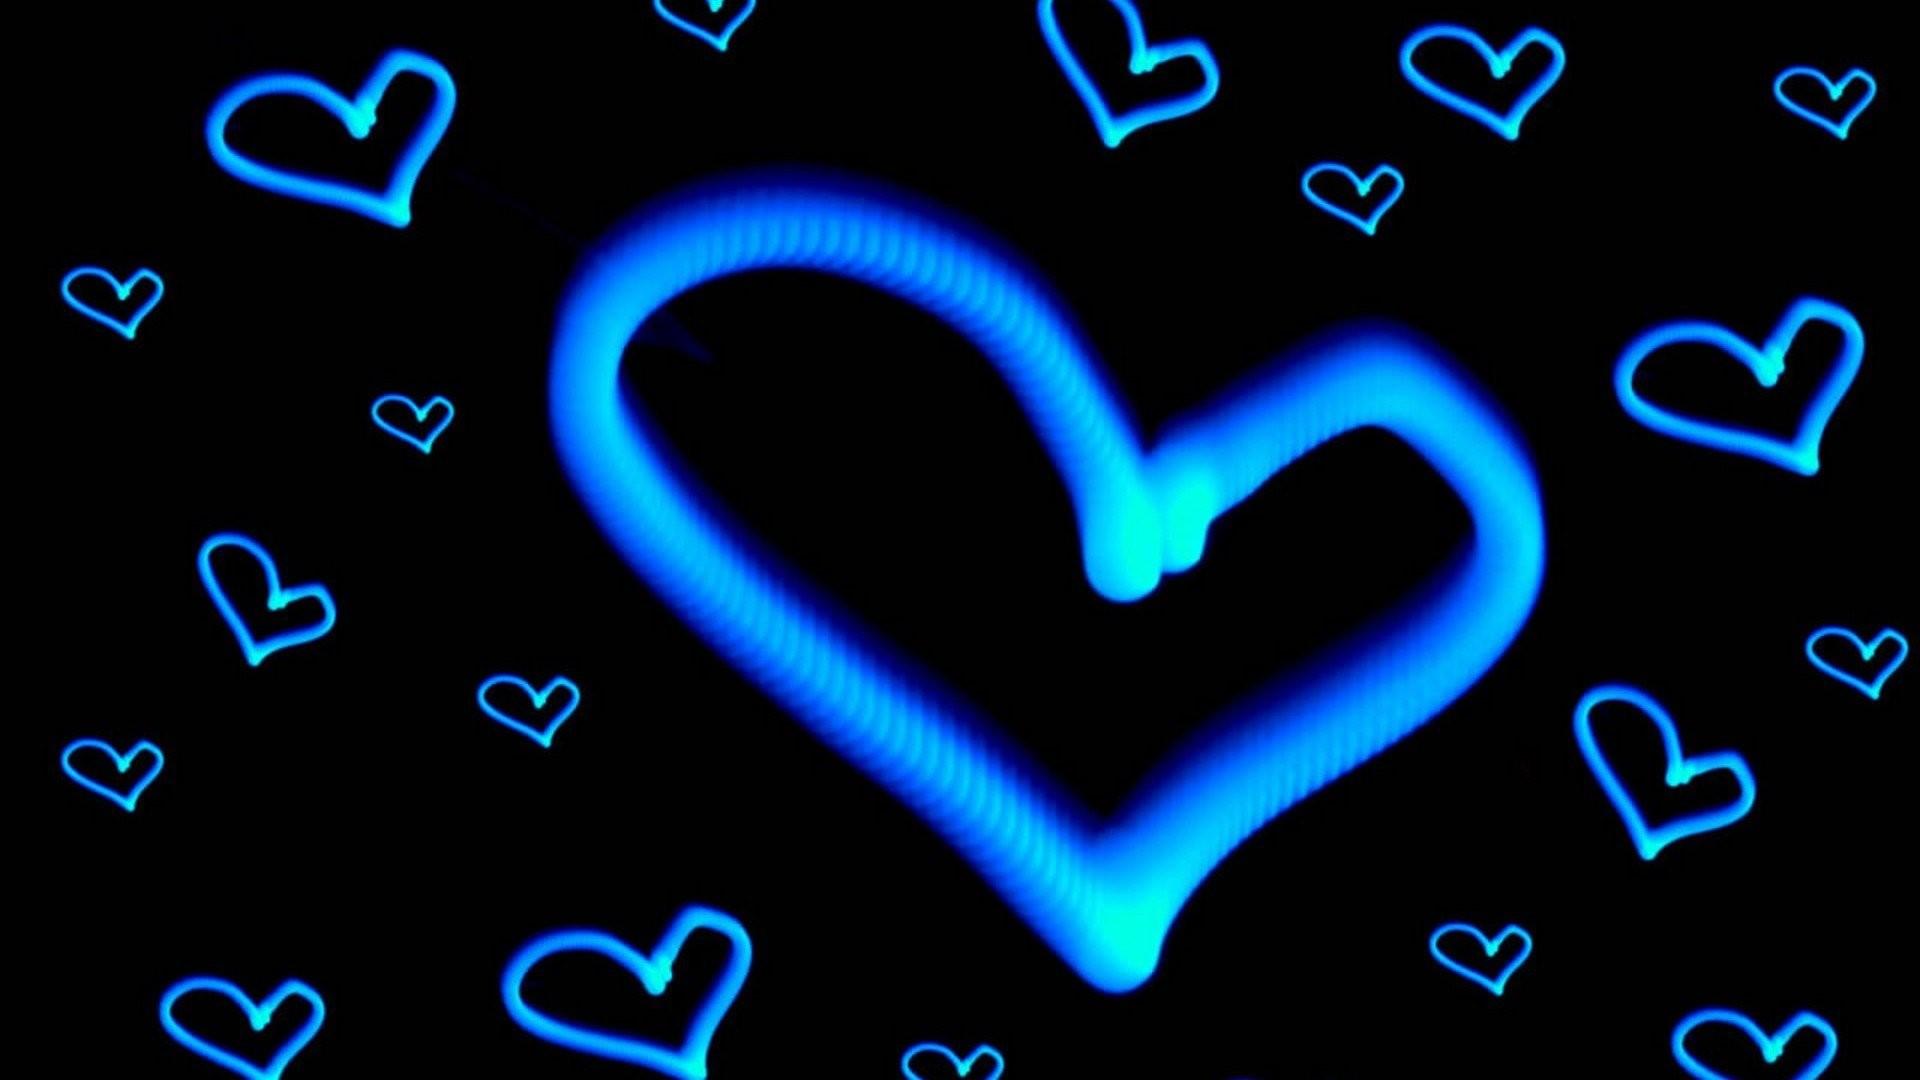 Blue Hearts 837090 …